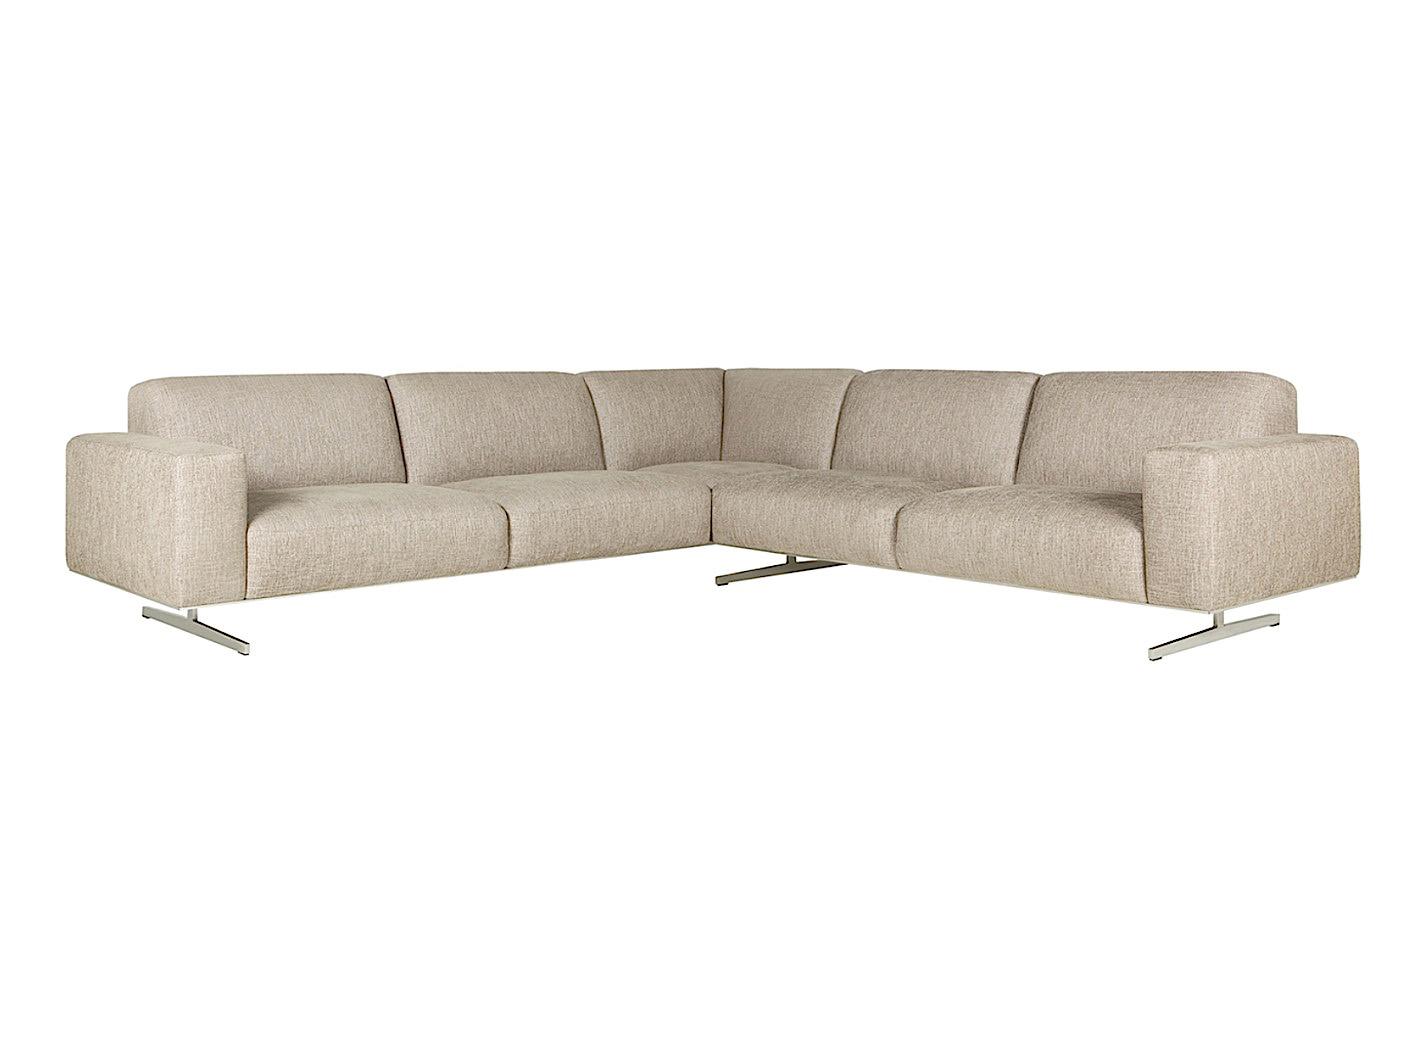 Mathis Large Corner Sofa-31945